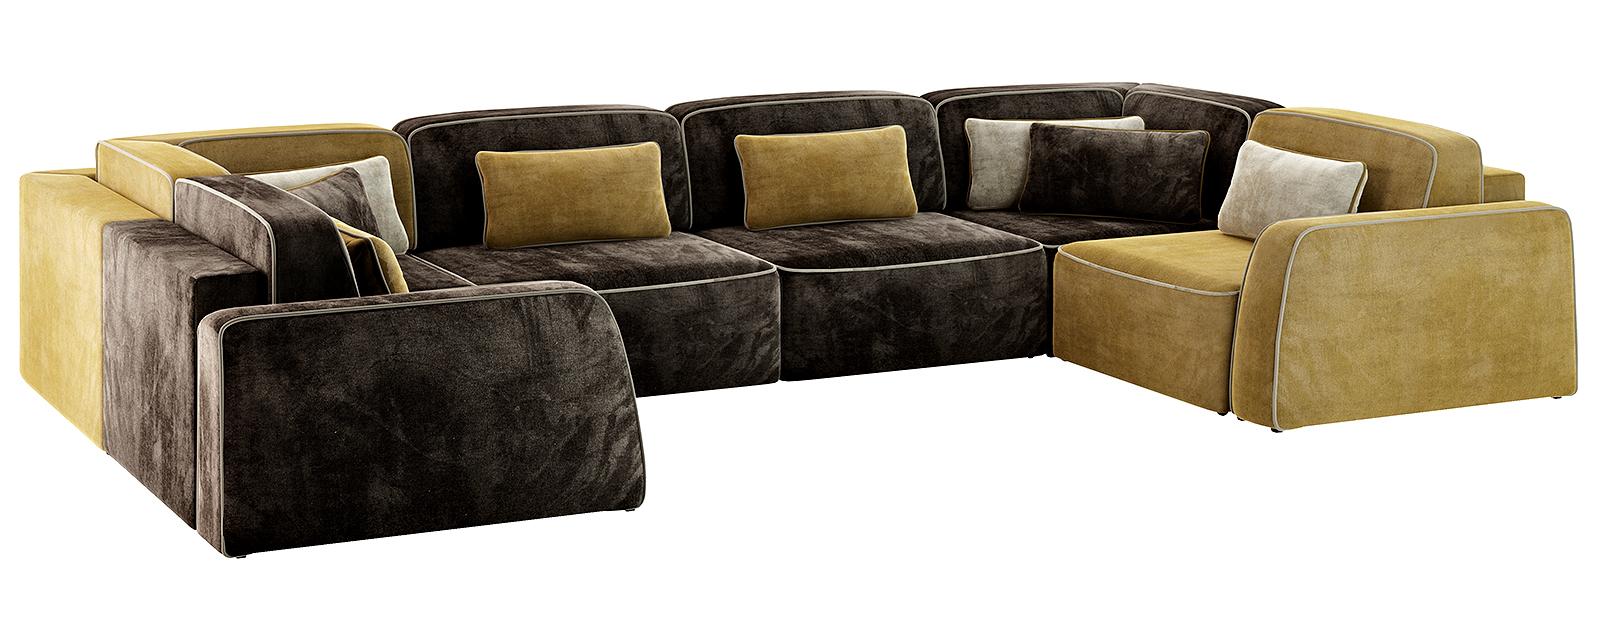 Модульный диван Портленд П-образный Вариант №2 Velure тёмно-коричневый/оливковый (Велюр)